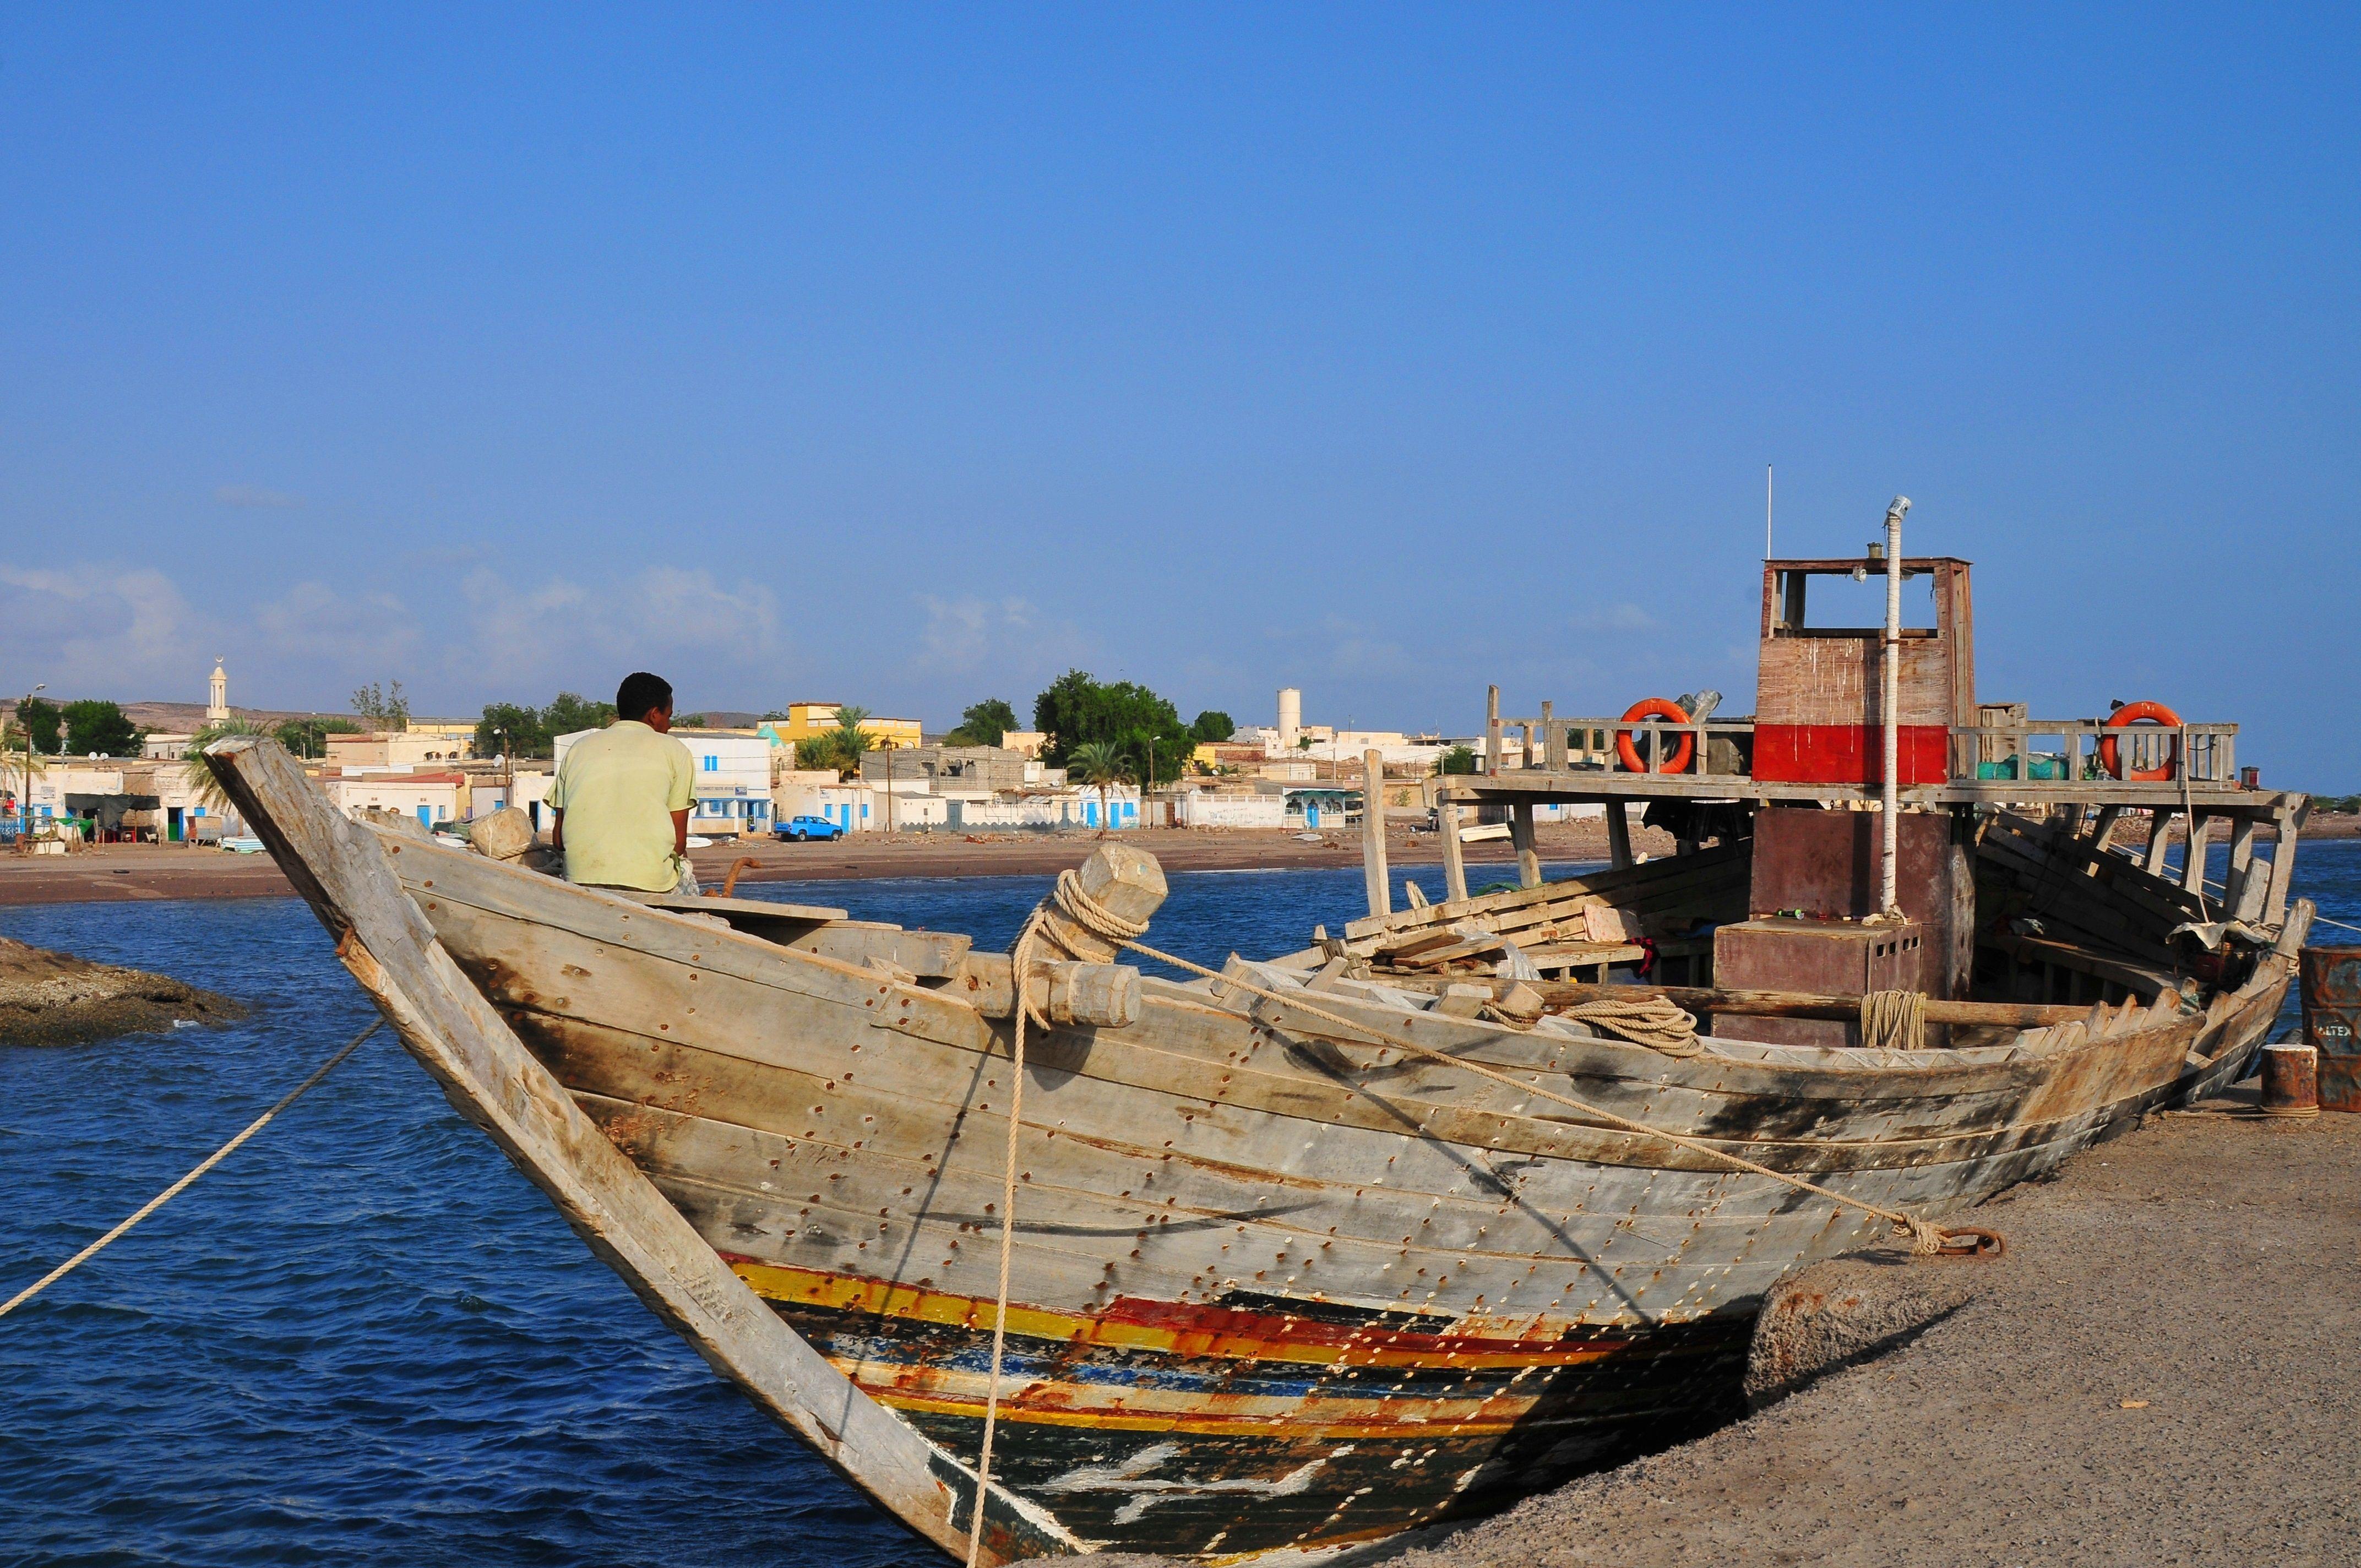 Сомалі, для блогів_4